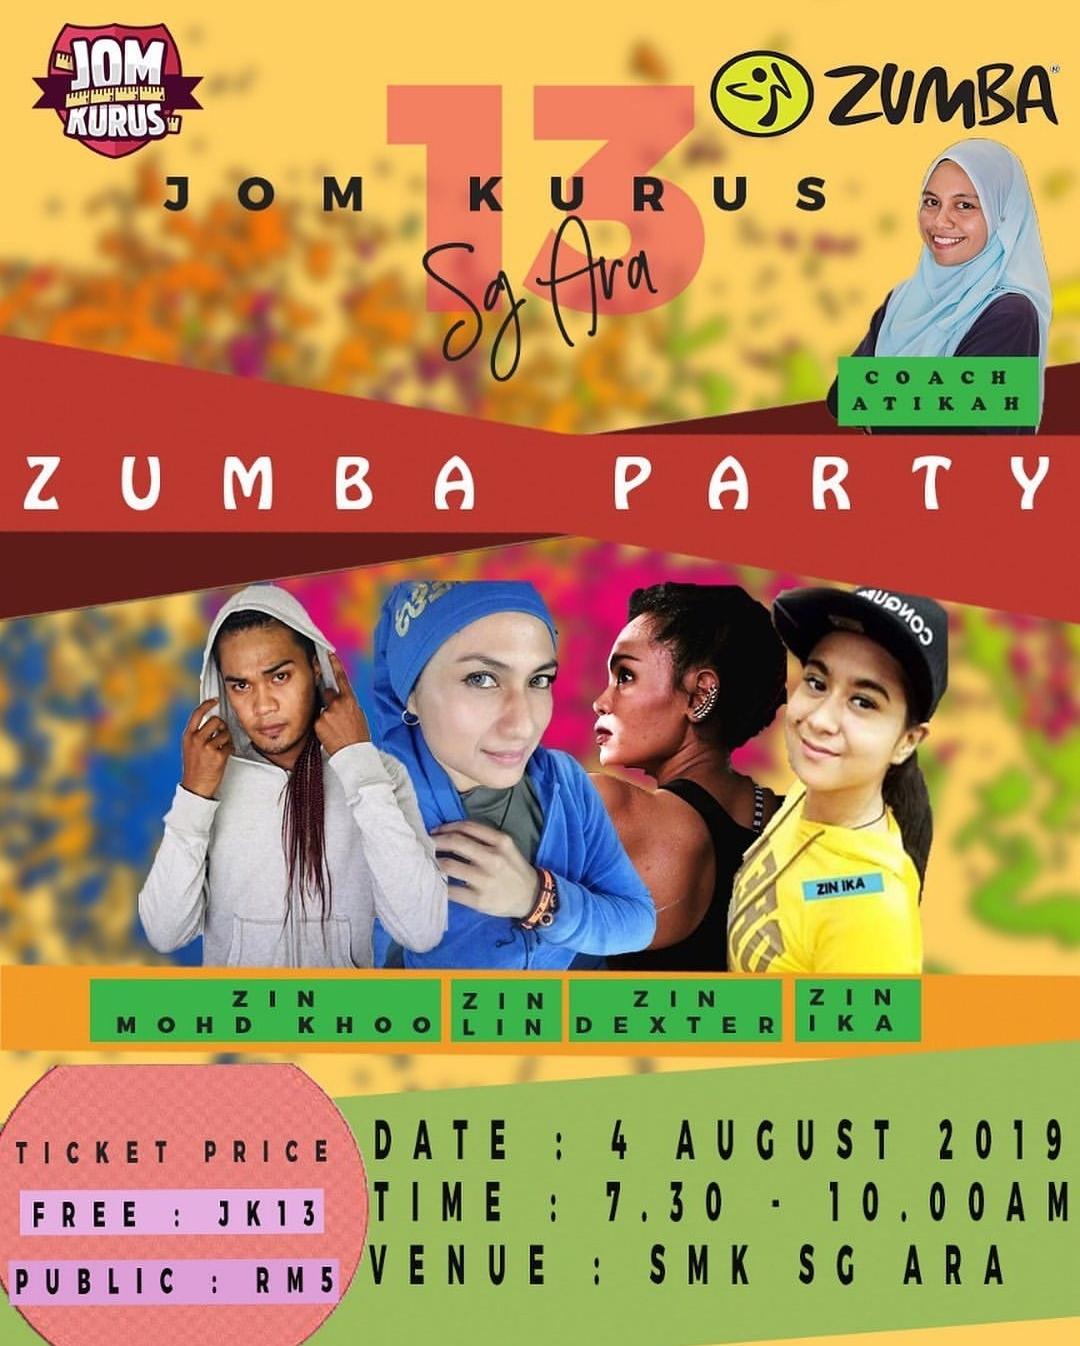 Zumba Party bersama Jom Kurus